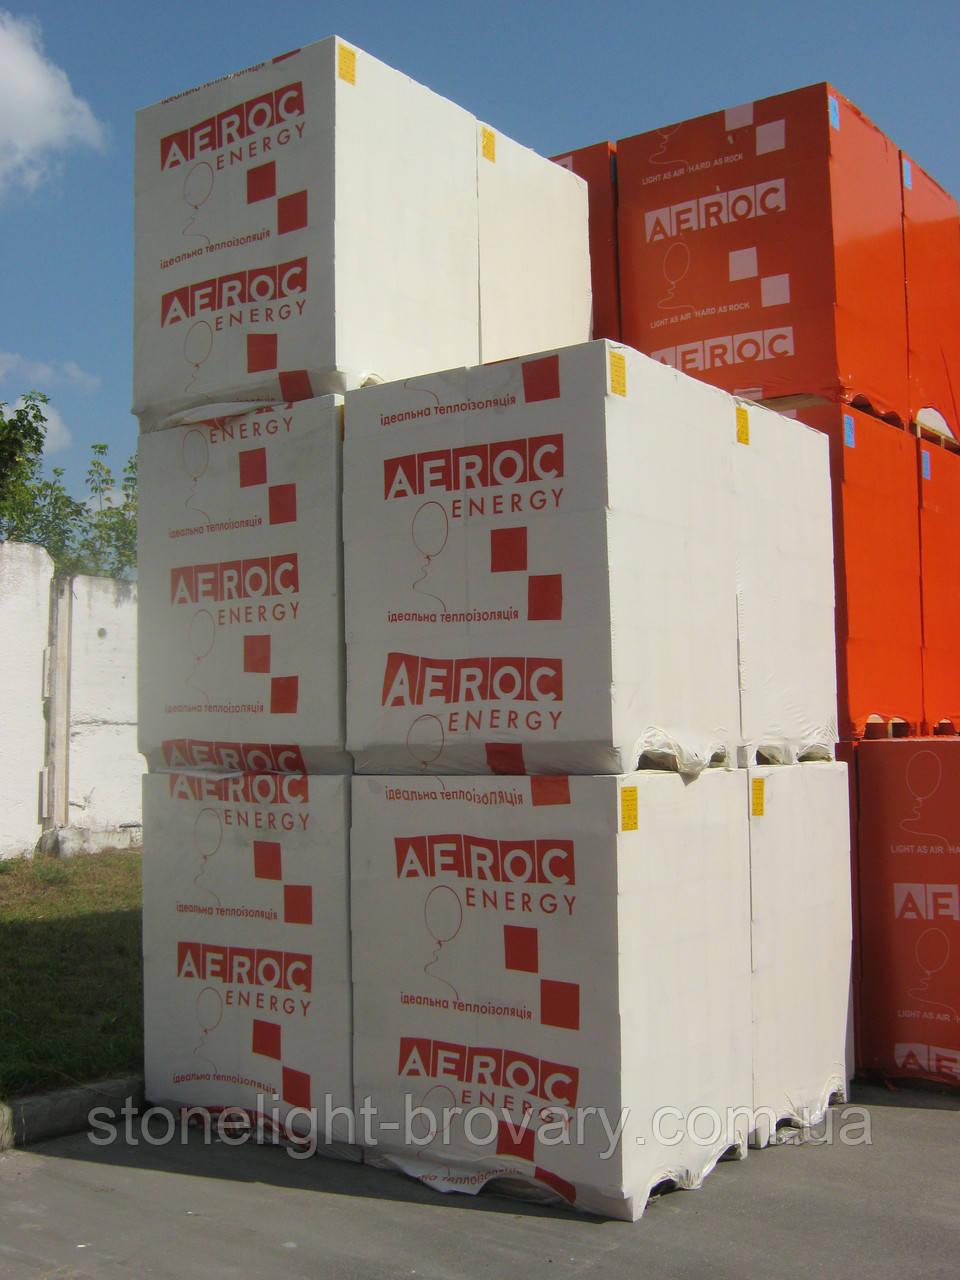 Теплоизоляционные блоки AEROC Energy 200/200/600 - Газоблок Стоунлайт Бровары в Киеве